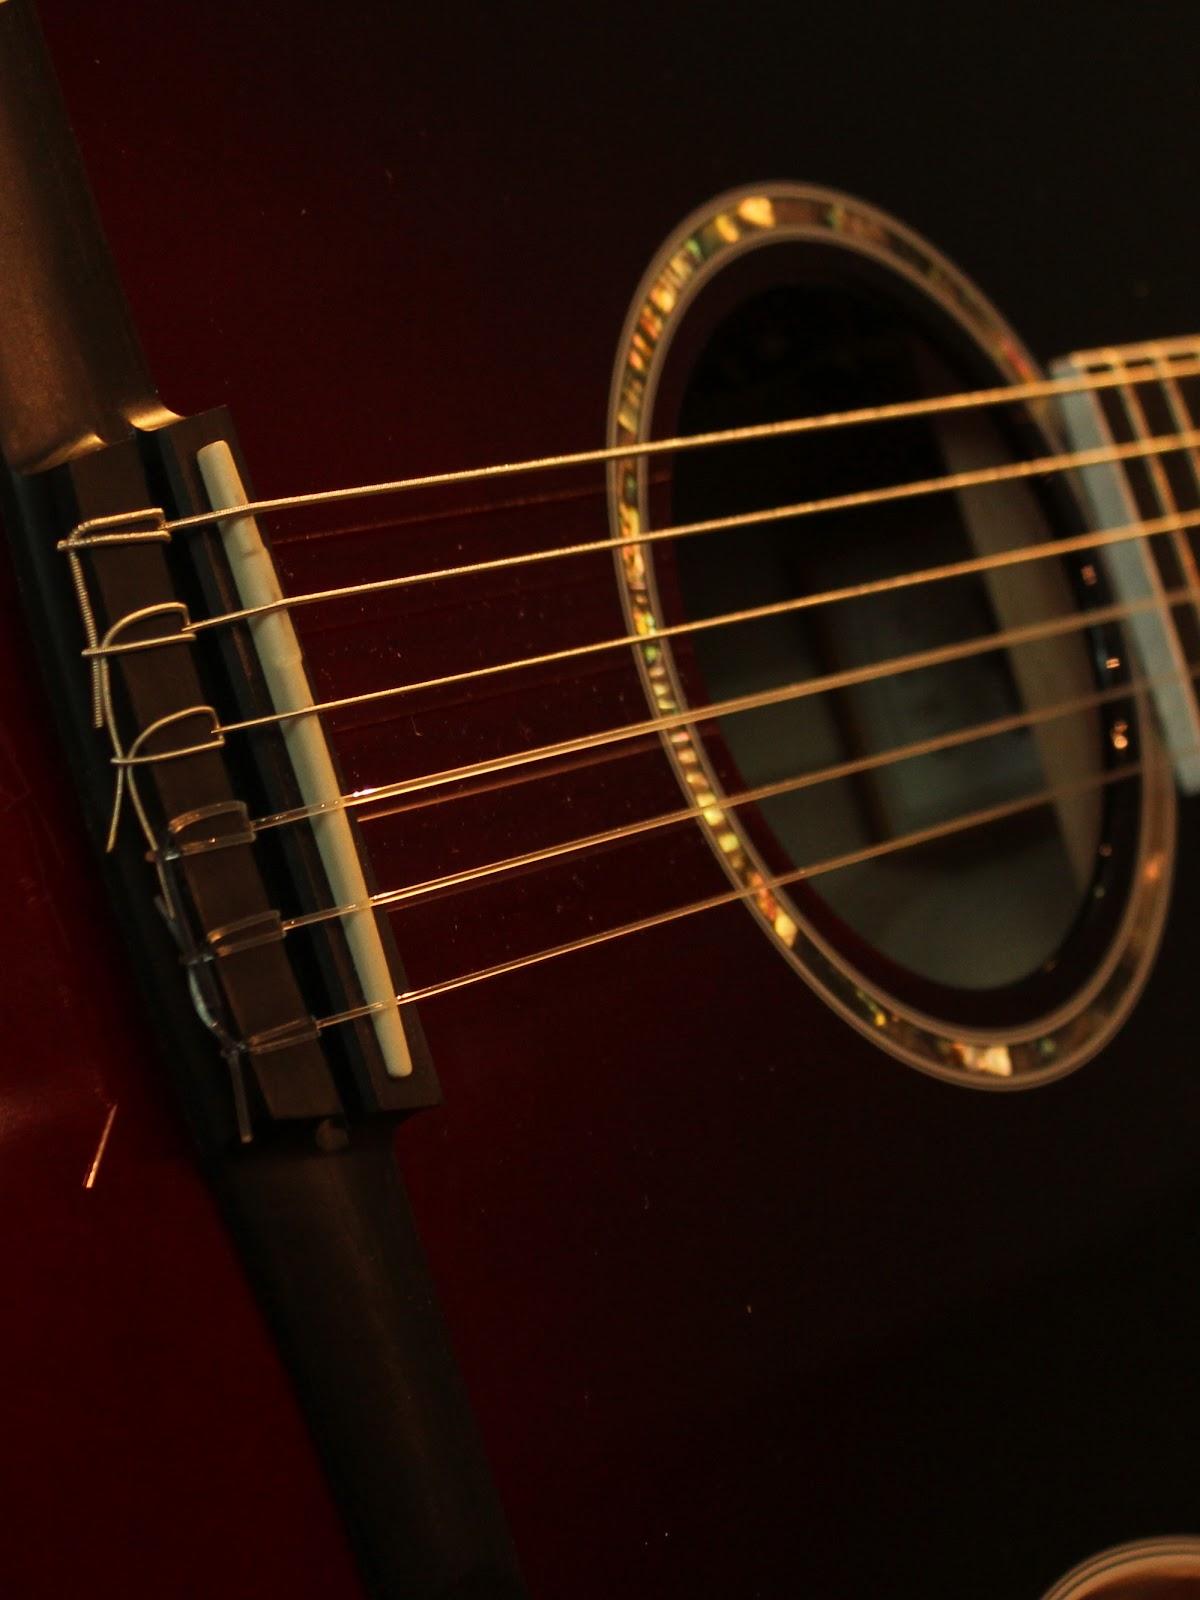 2014_06_23_San Diego_Taylor Guitars_1980 Gillespie Way, El Cajon, CA_D5__049_05.jpg